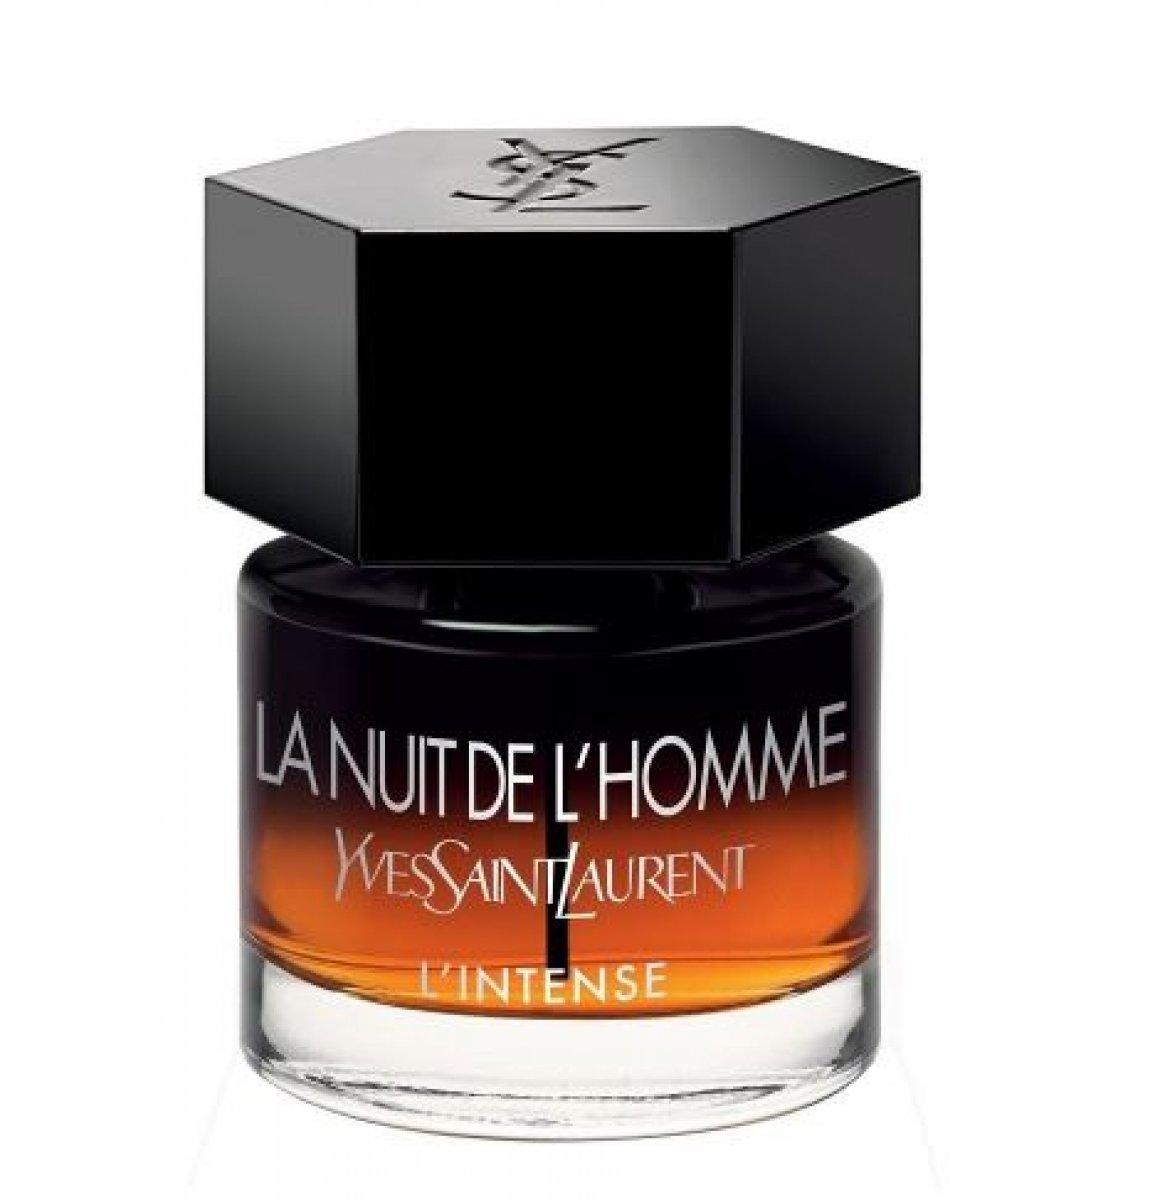 Yves Saint Laurent La Nuit de L'Homme Intense